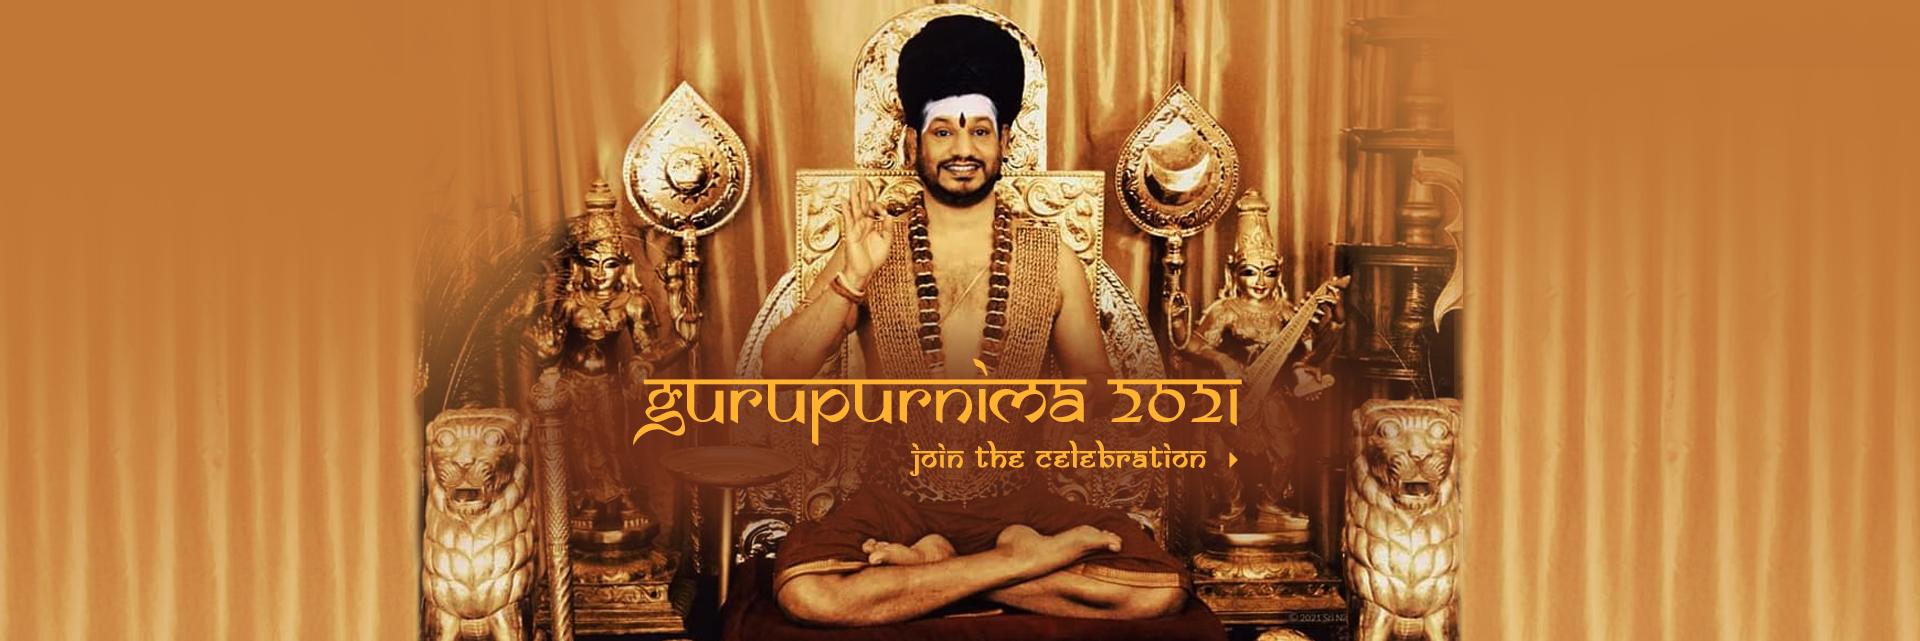 Home_banner_gurupurnima